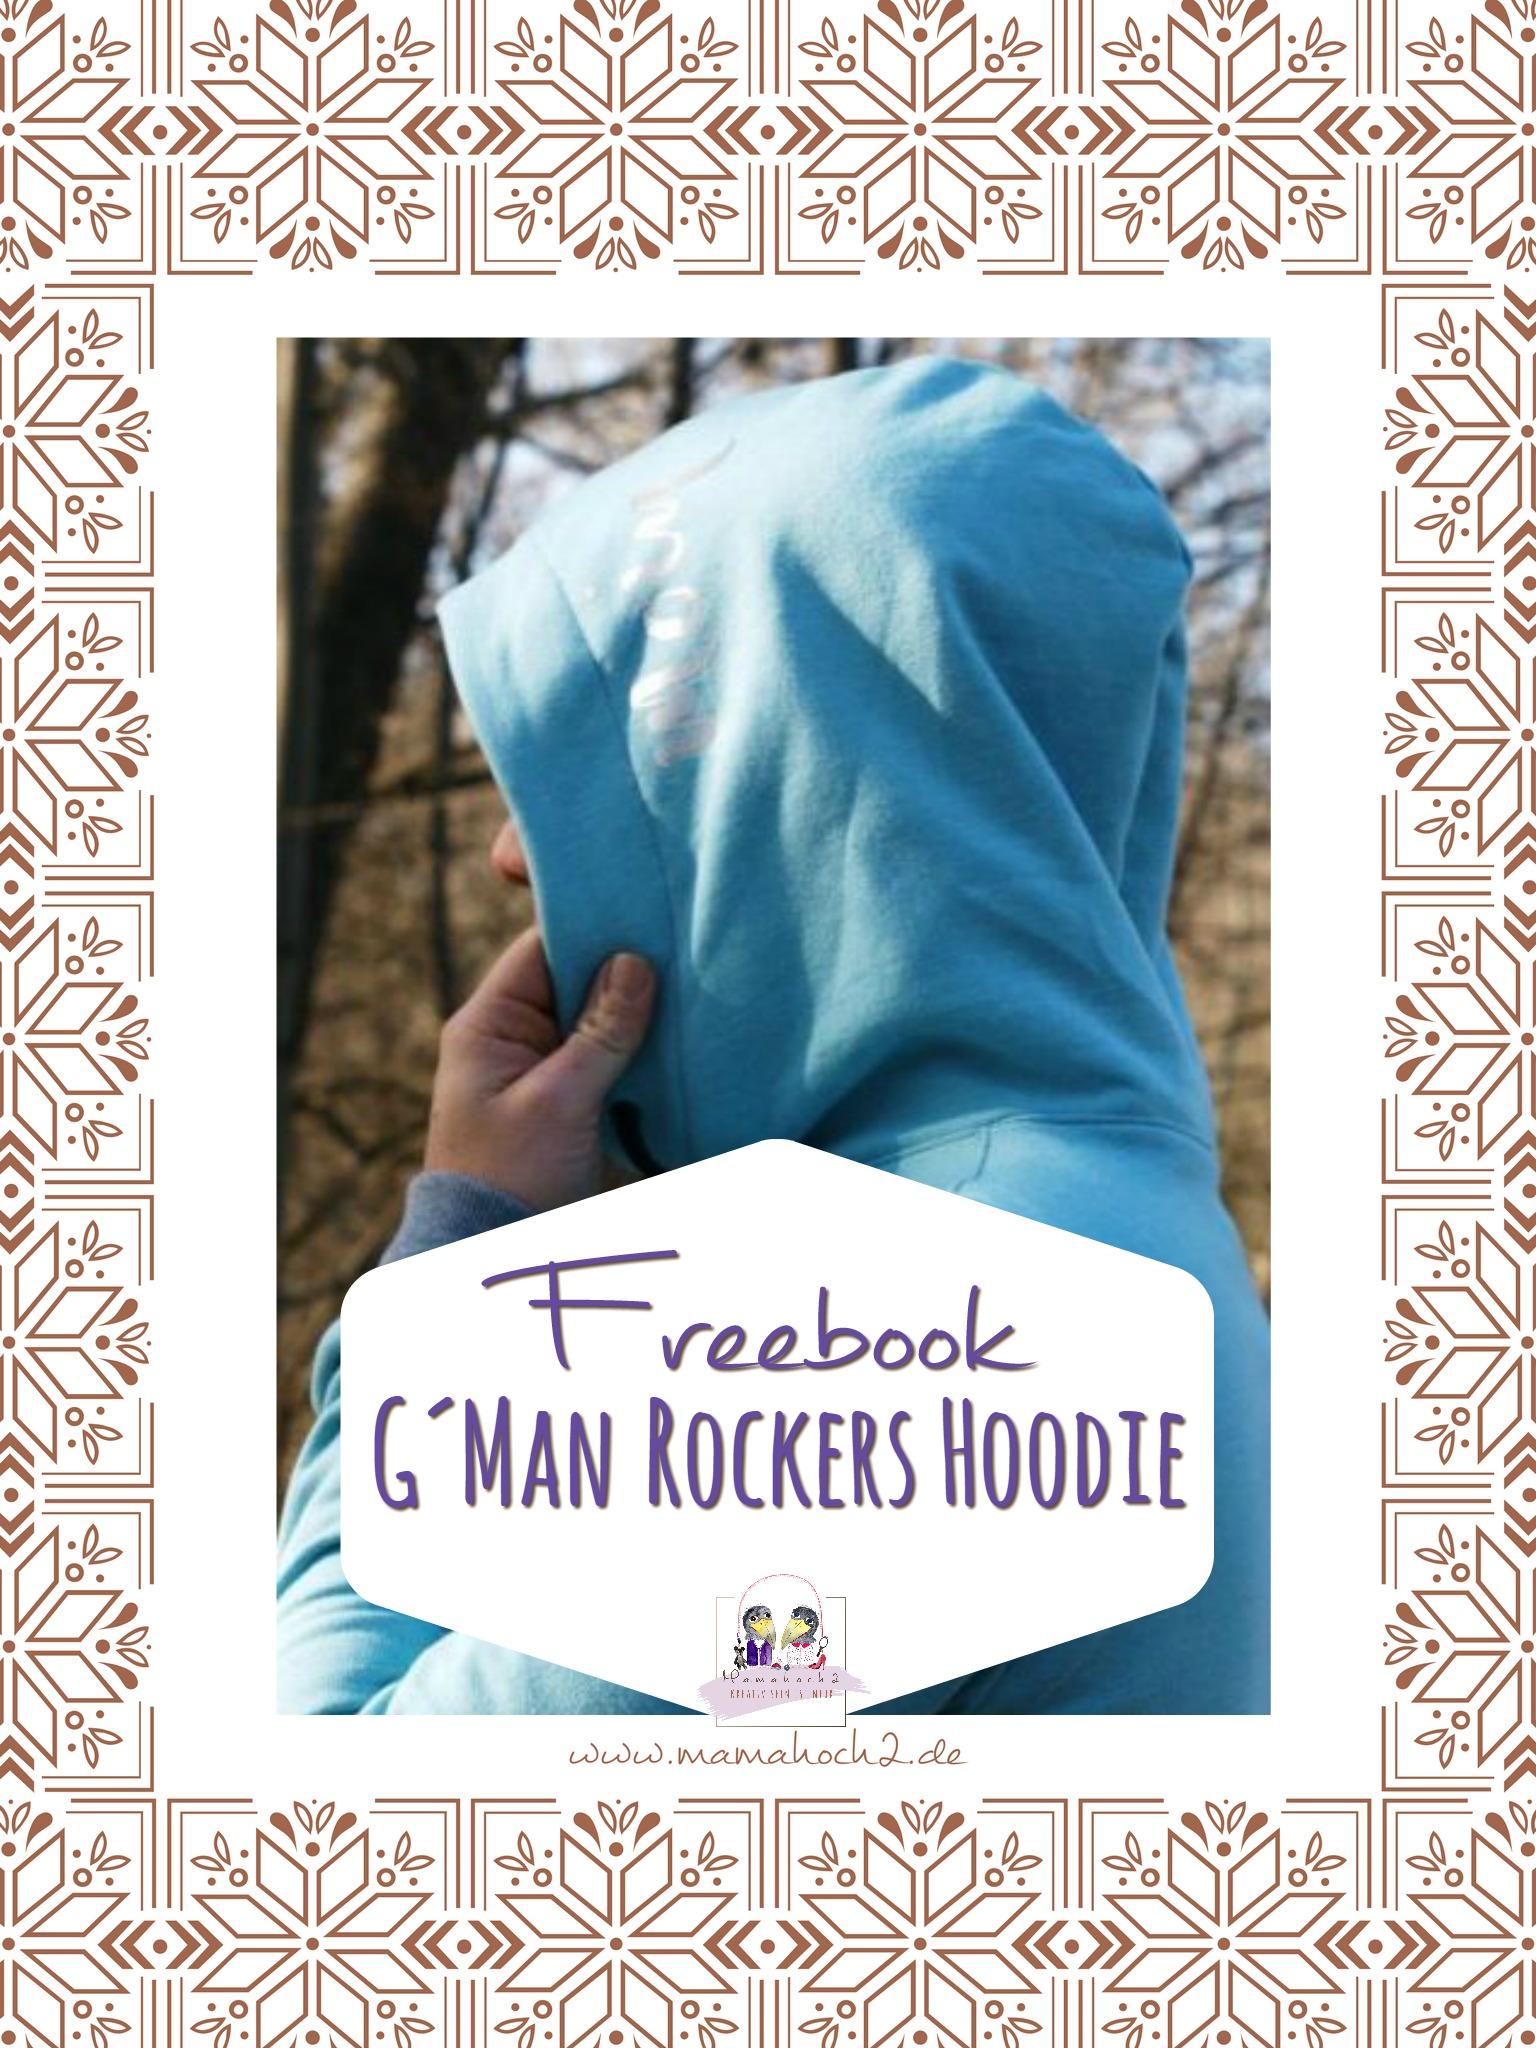 Kostenloses Schnittmuster Männer-Hoodie von Mamahoch2